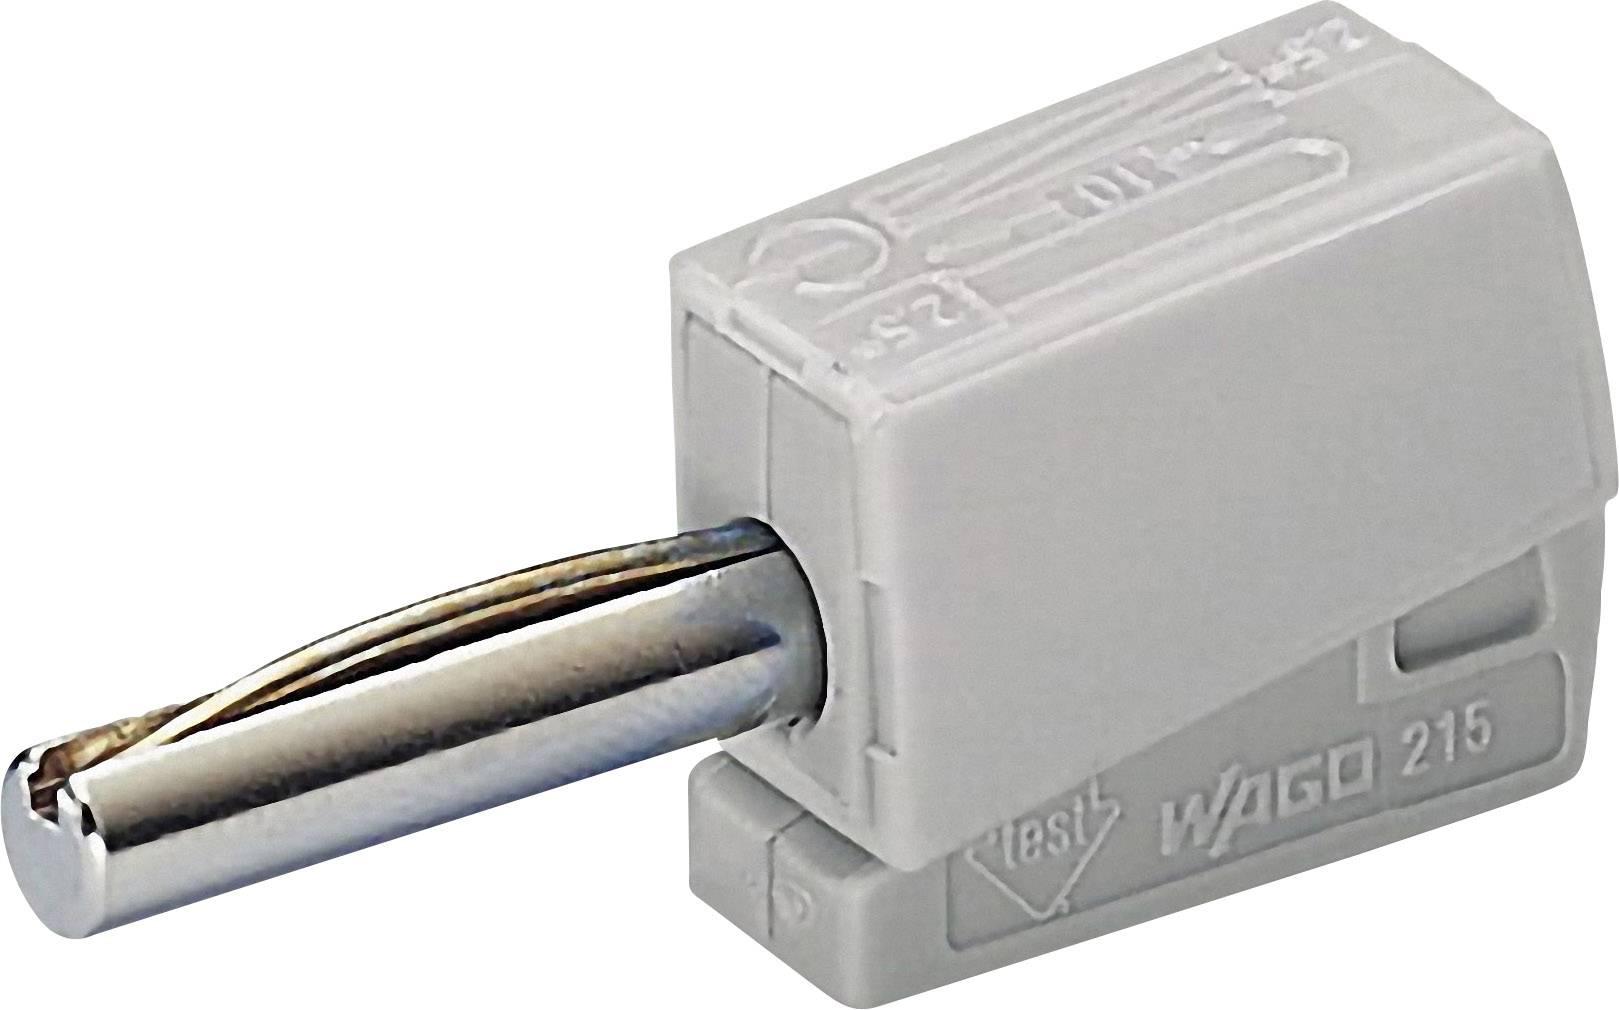 Banánový konektor WAGO – zástrčka, rovná, Ø hrotu: 4 mm, sivá, 1 ks